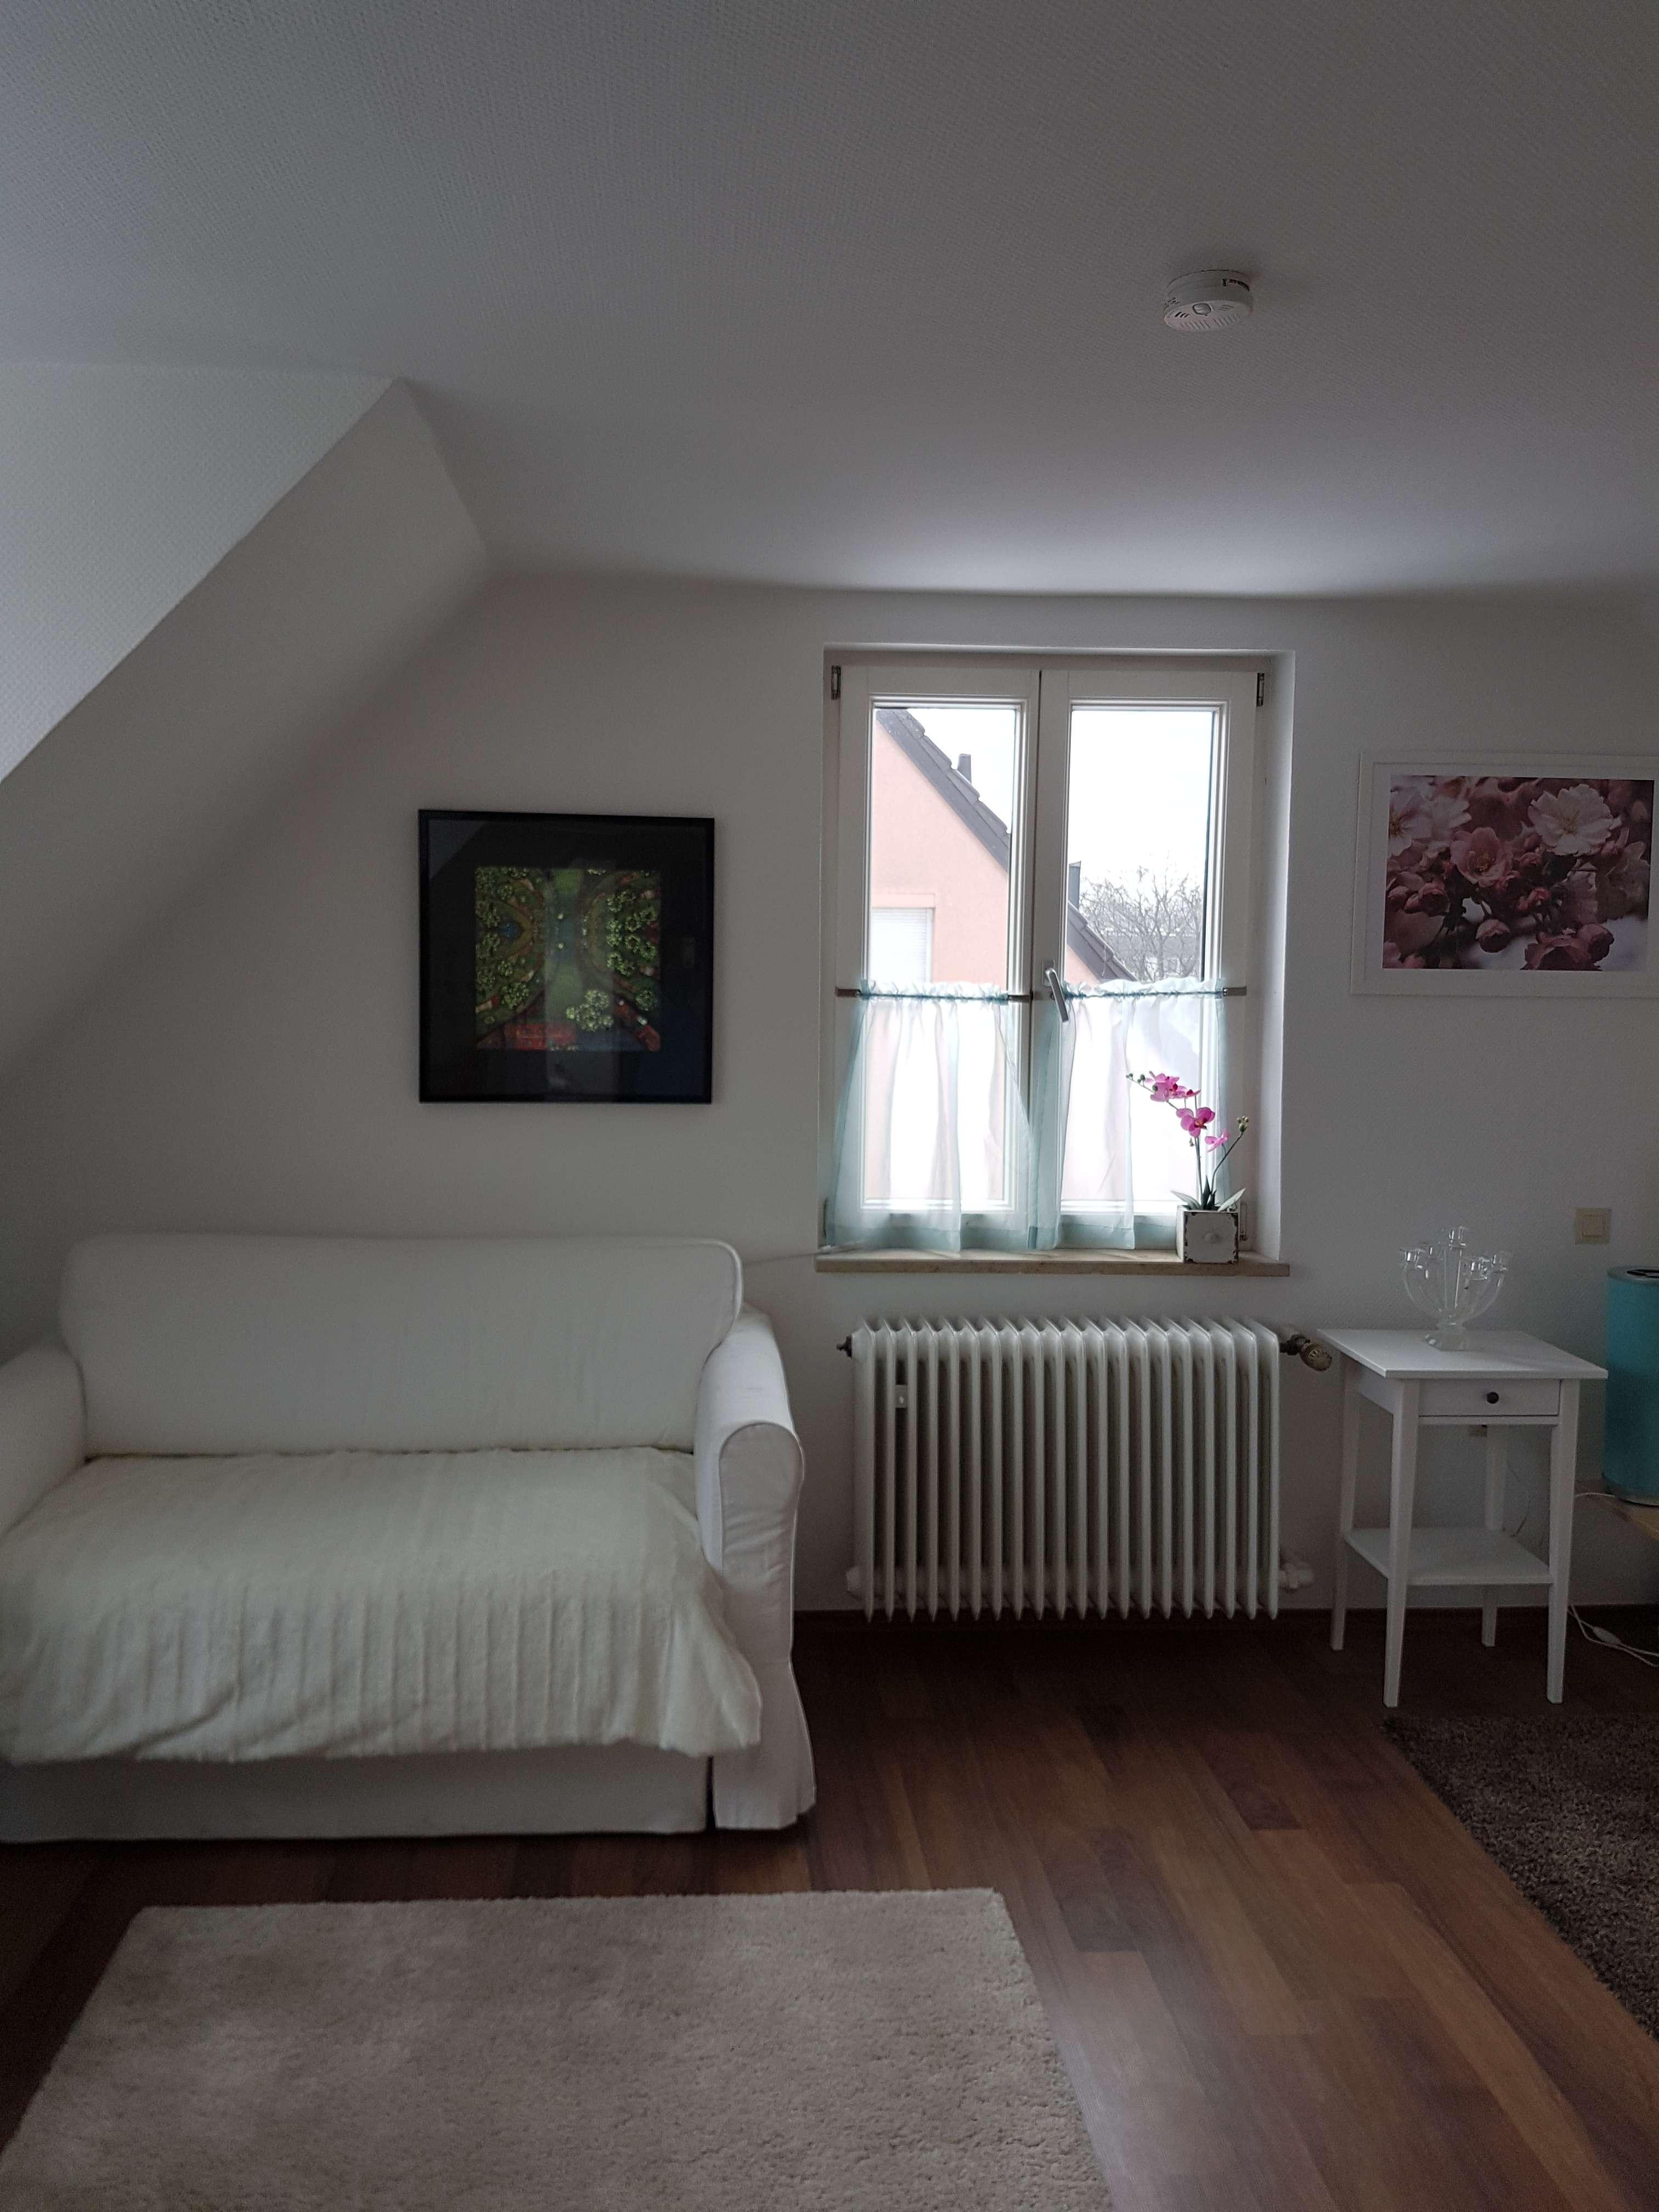 ab 01.06. möblierte 1,5-Zimmer-DG-Wohnung in München 30qm, 795 € in